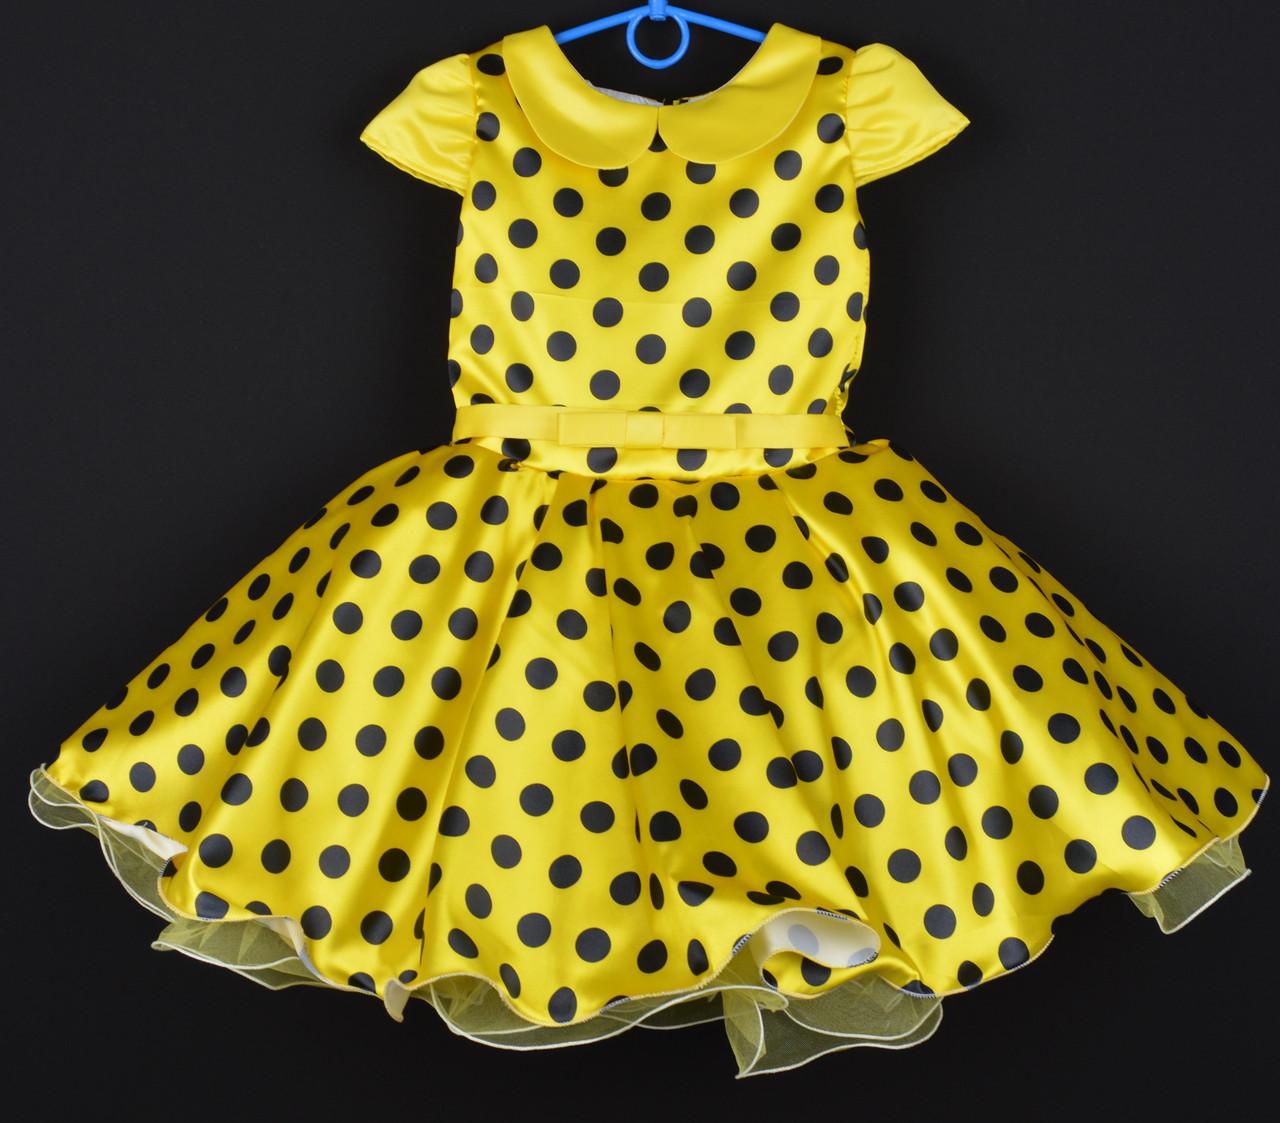 """Платье нарядное детское """"Мини Мики"""" с воротничком. 6-7 лет. Желтое в черный горох. Оптом и в розницу"""